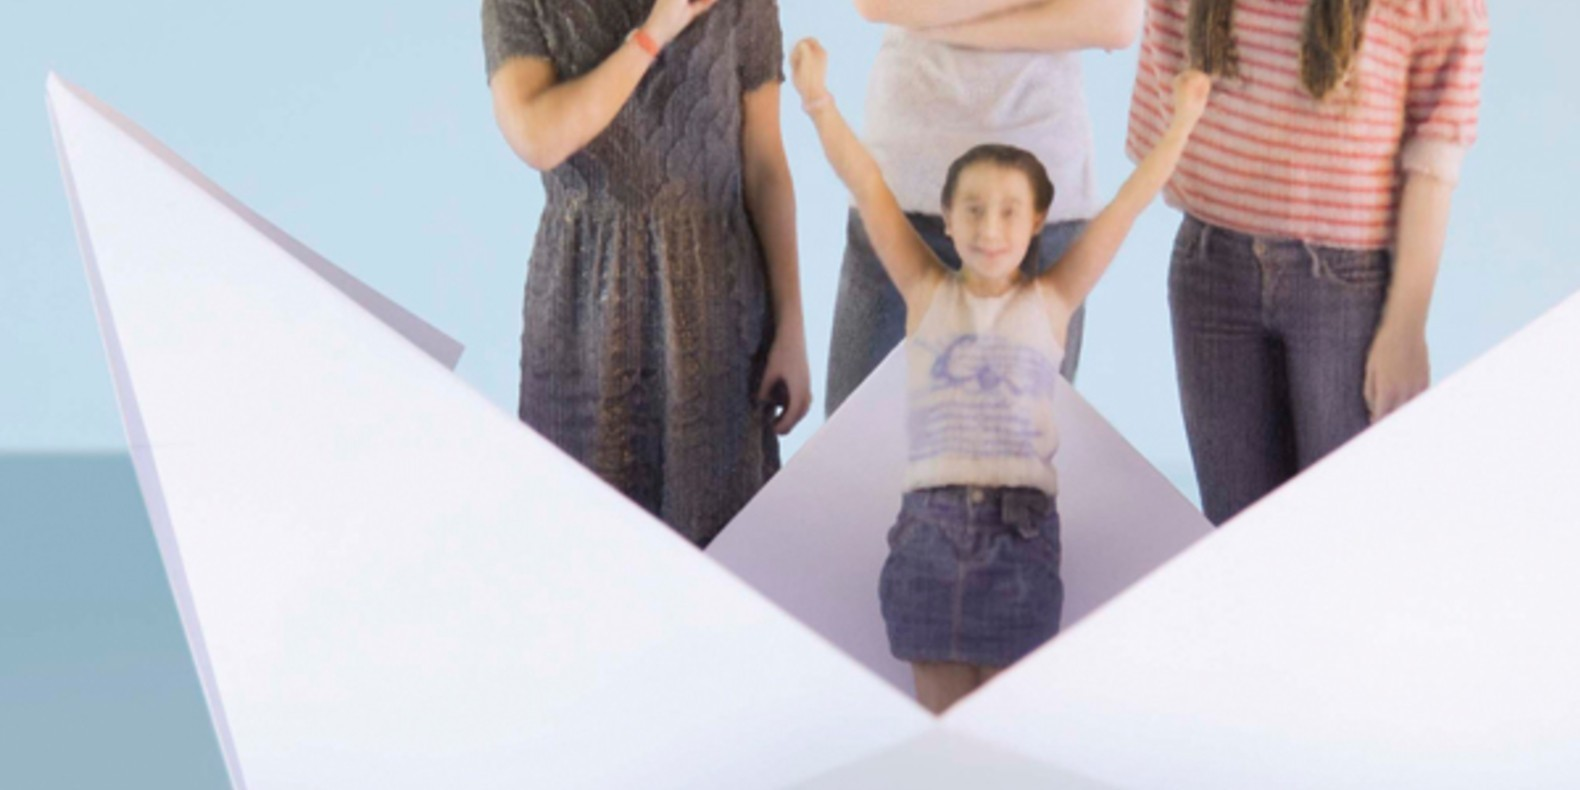 MOÏMEE servicio de modelización de la persona en 3D